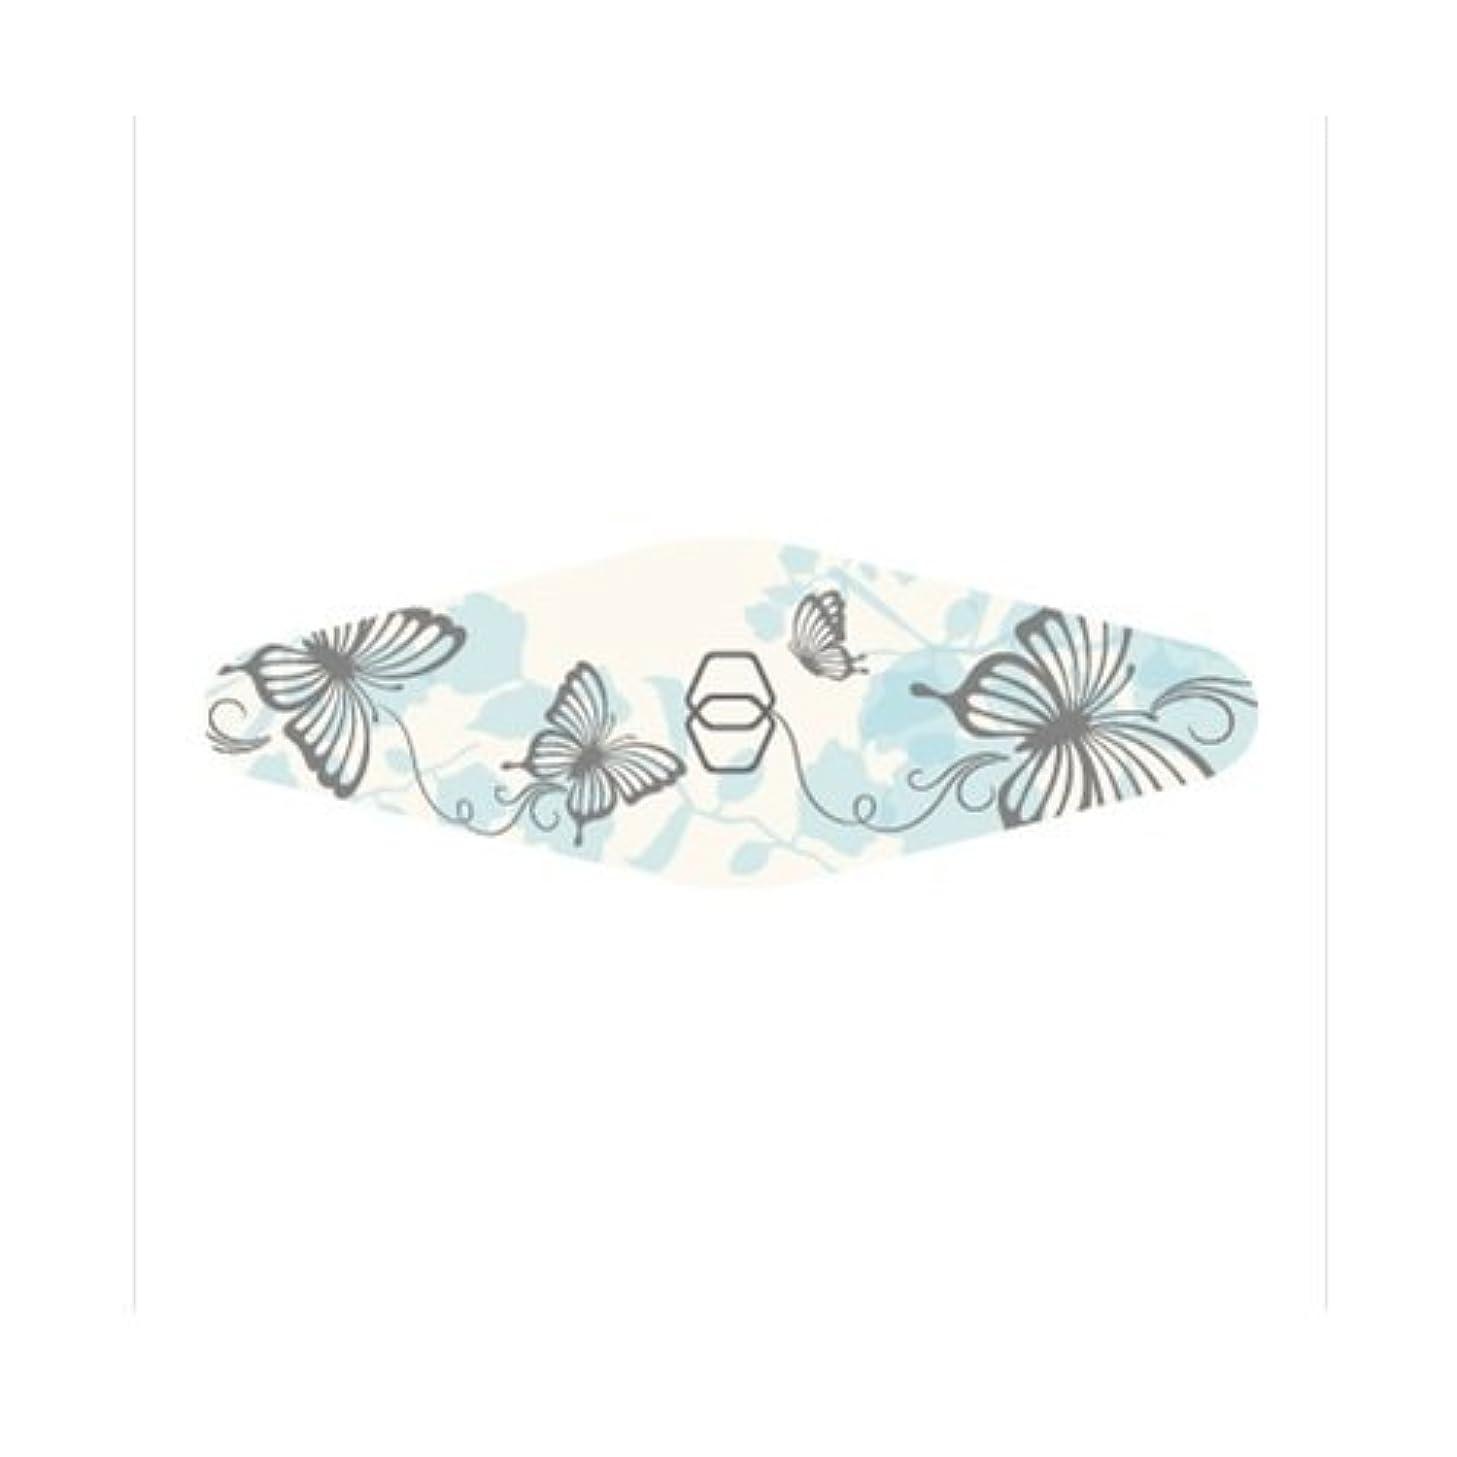 実験をするなめらか木ダイヤモンドネイルファイル キャリー ブルー蝶々